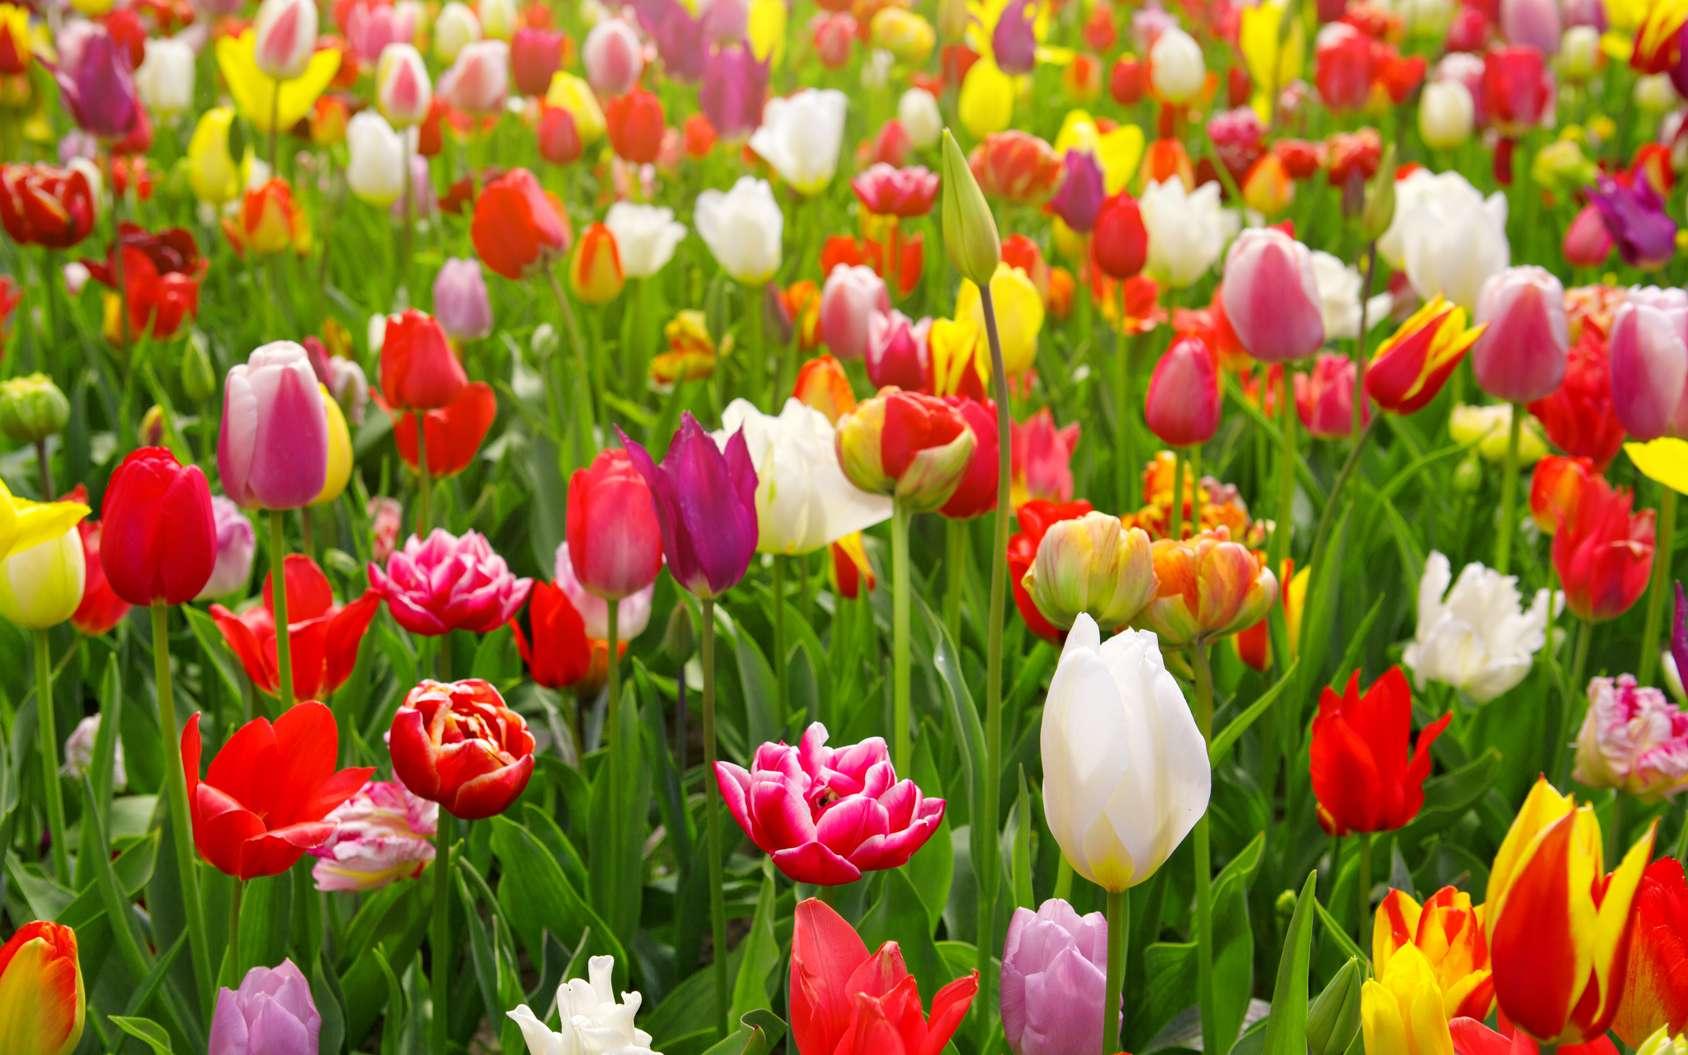 Un champ de tulipes. © Swetlana Wall, Fotolia